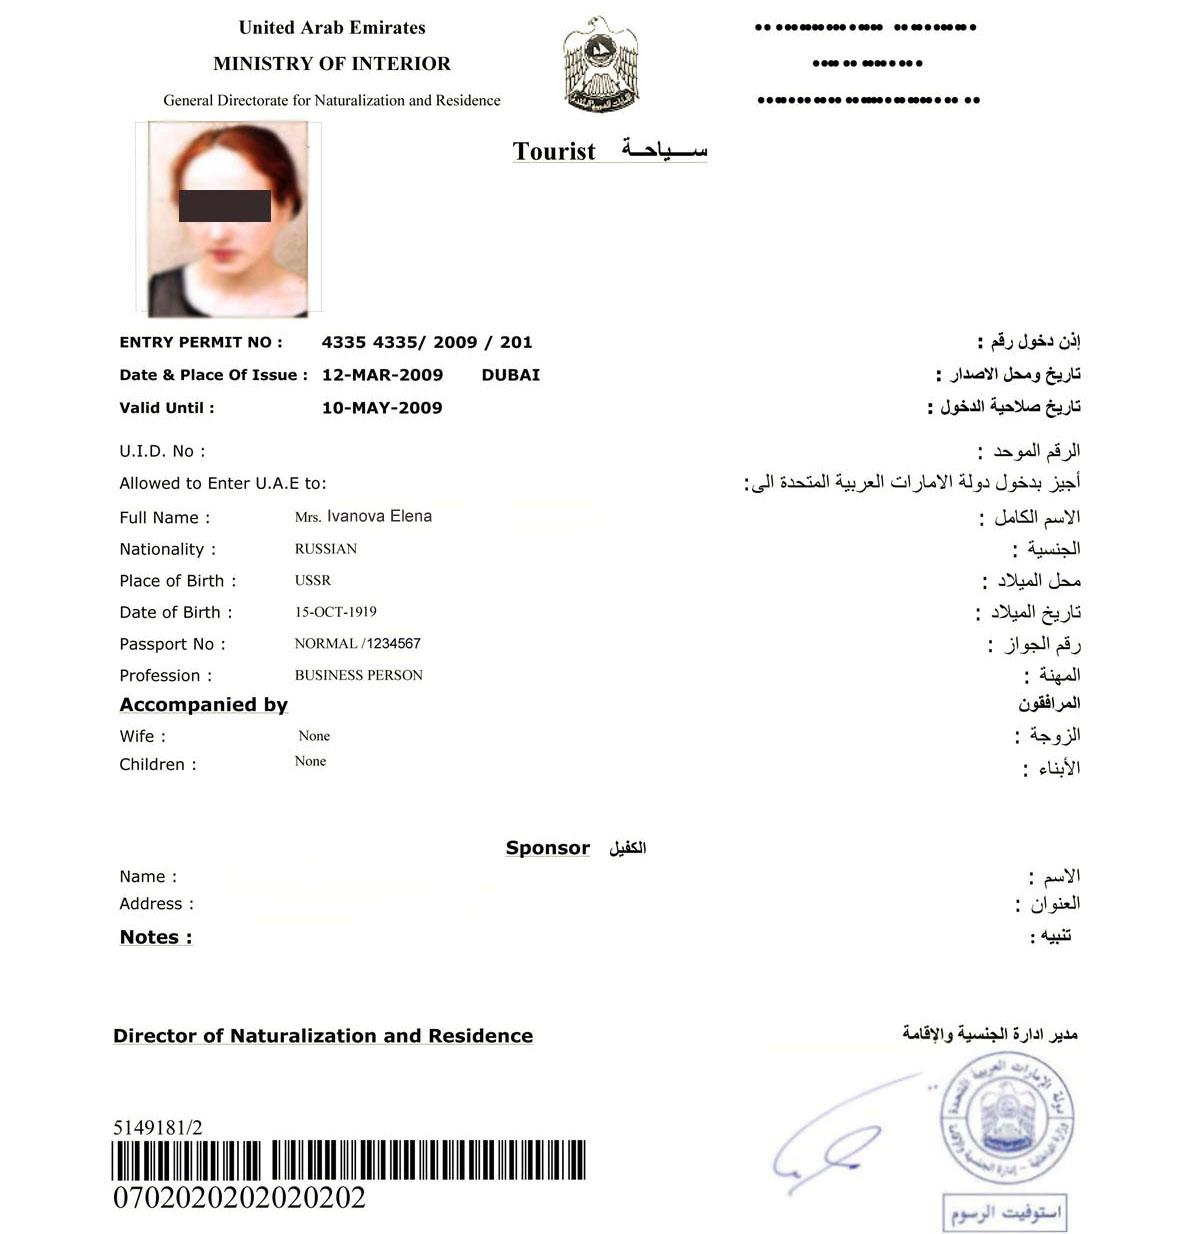 фото на визу в дубаи требования